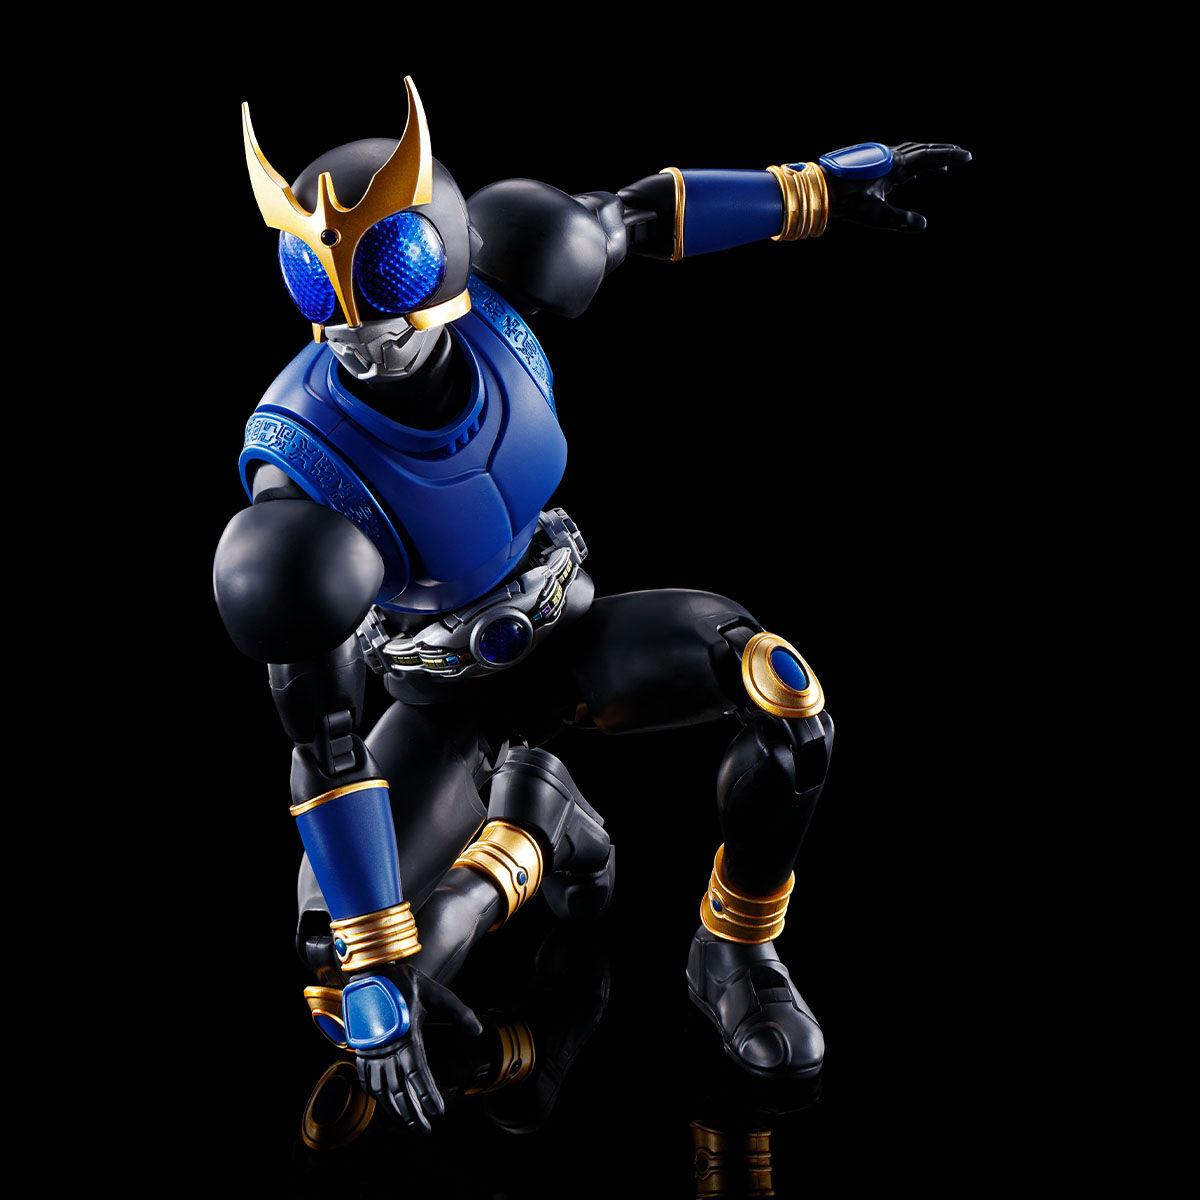 【限定販売】Figure-rise Standard『仮面ライダークウガ ドラゴンフォーム/ライジングドラゴン』プラモデル-005